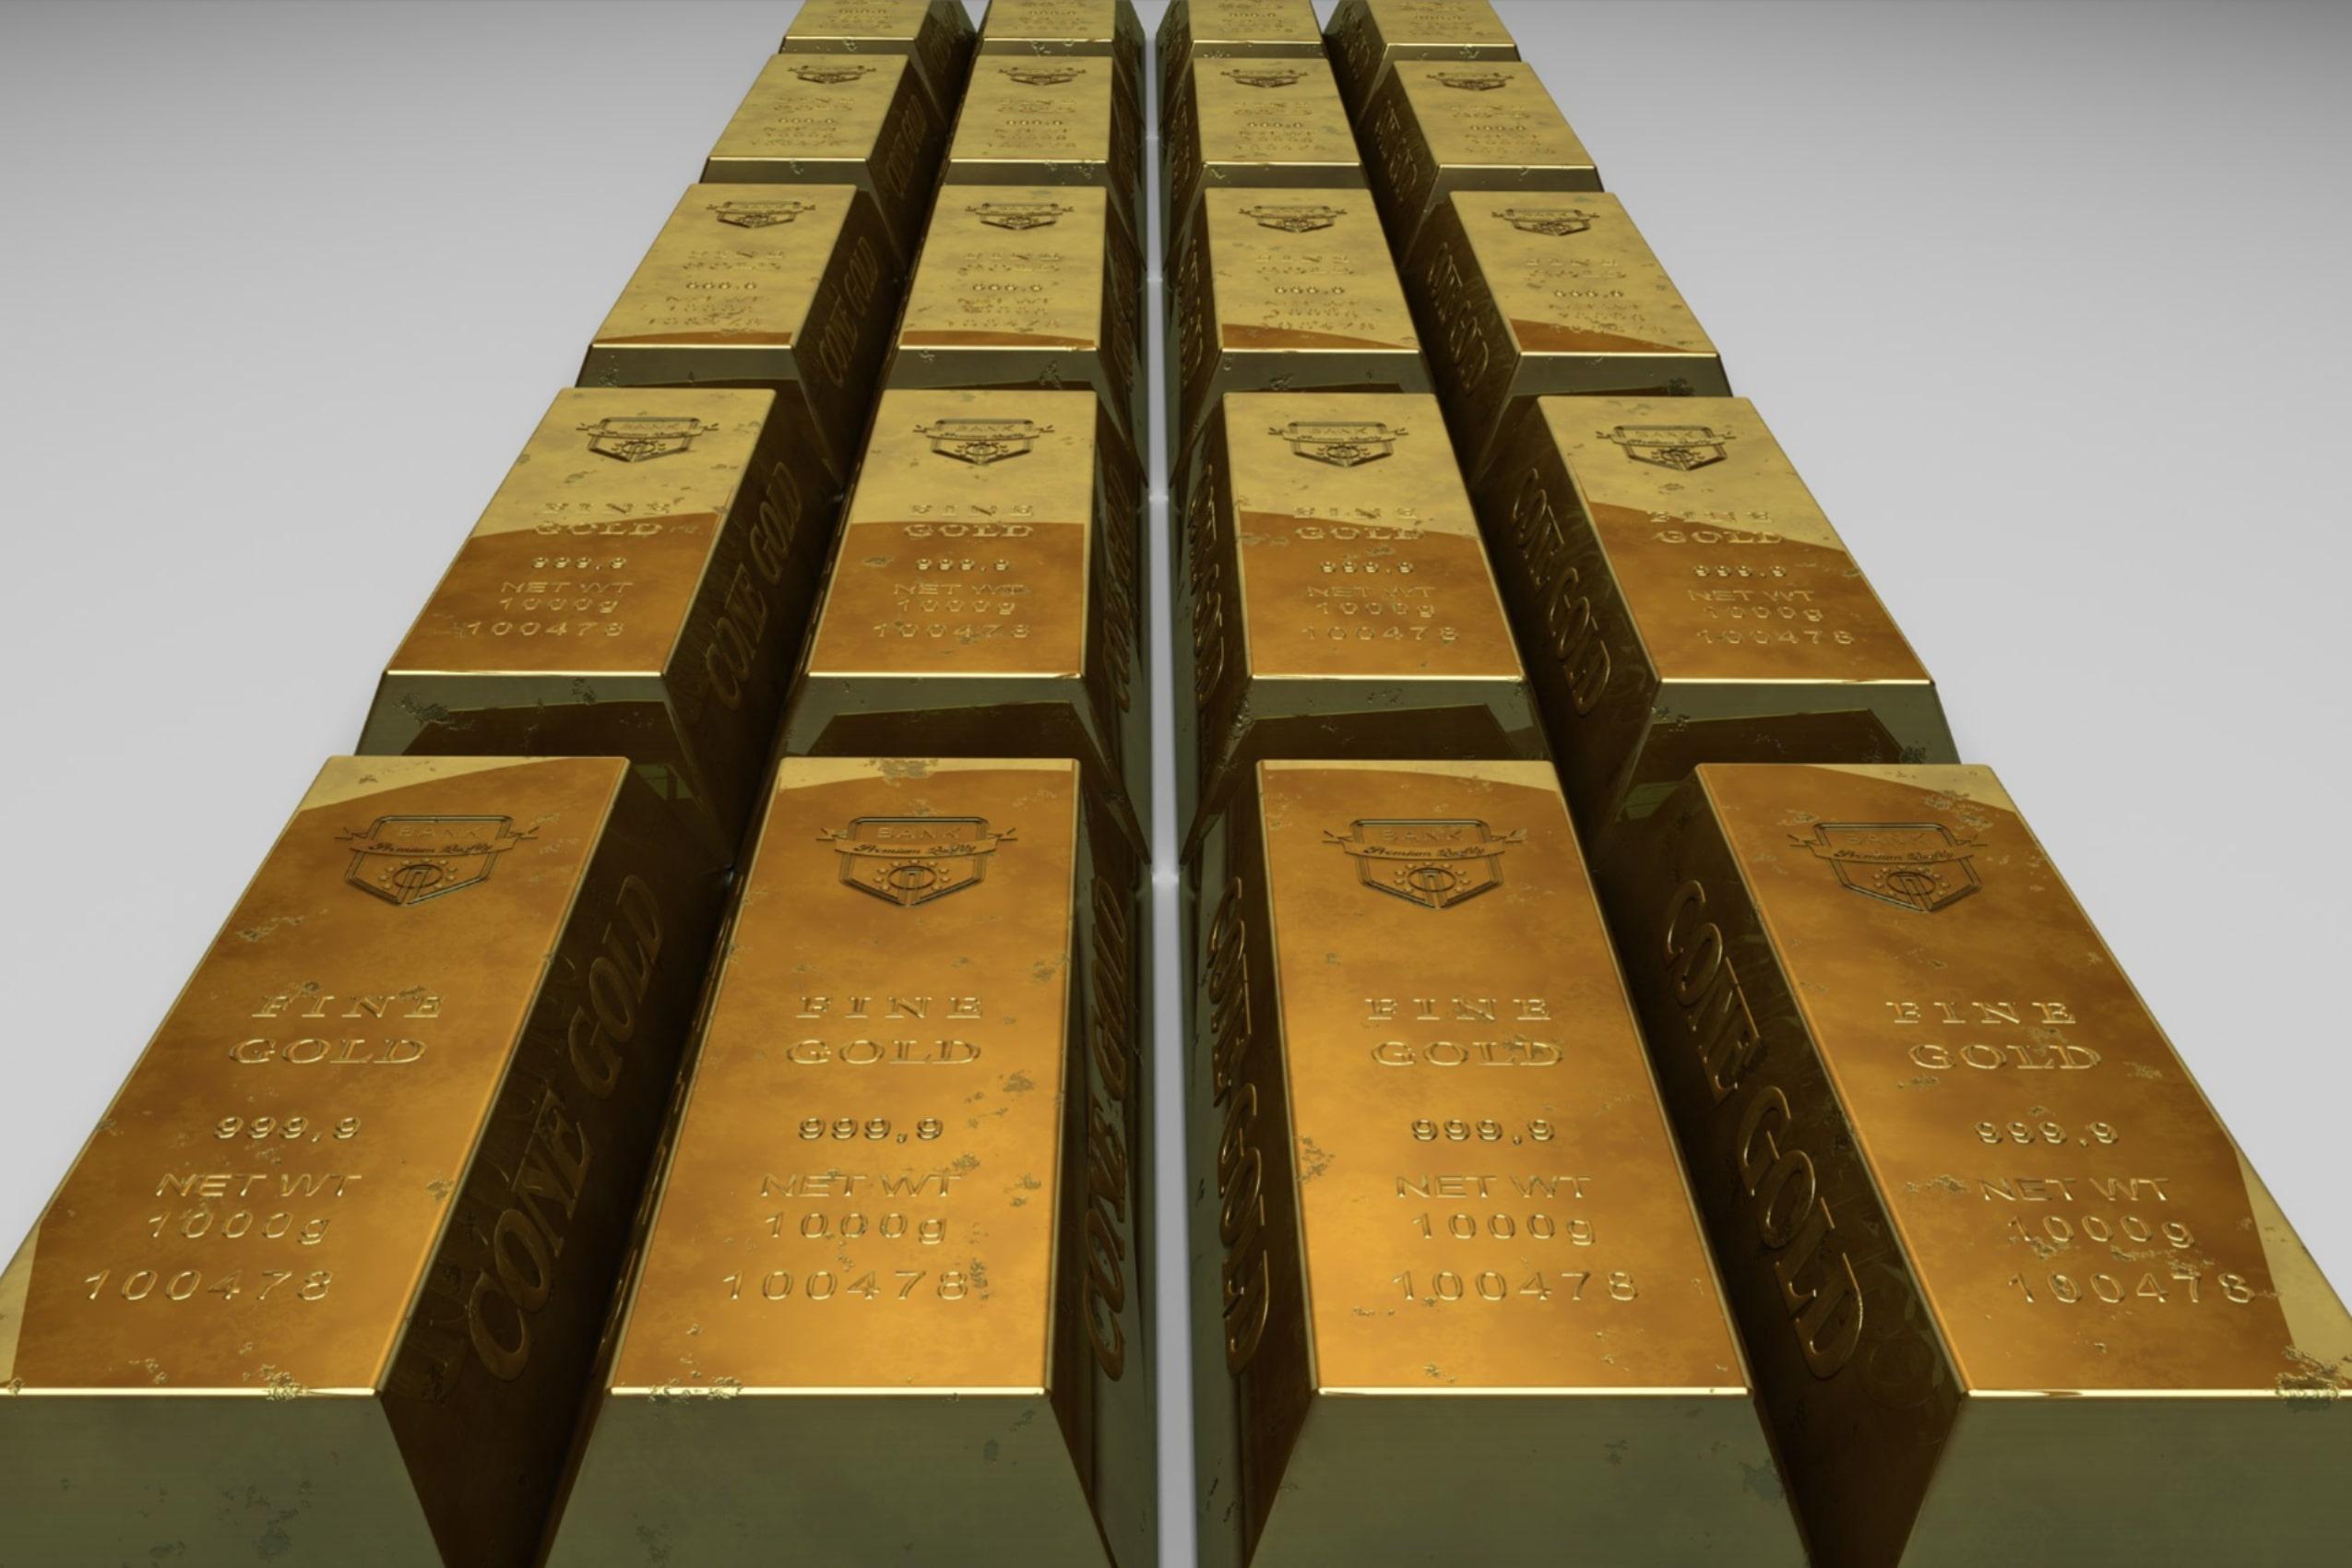 Investasi Saham Antam atau Emas Antam? Simak Panduan Lengkapnya Sekarang!